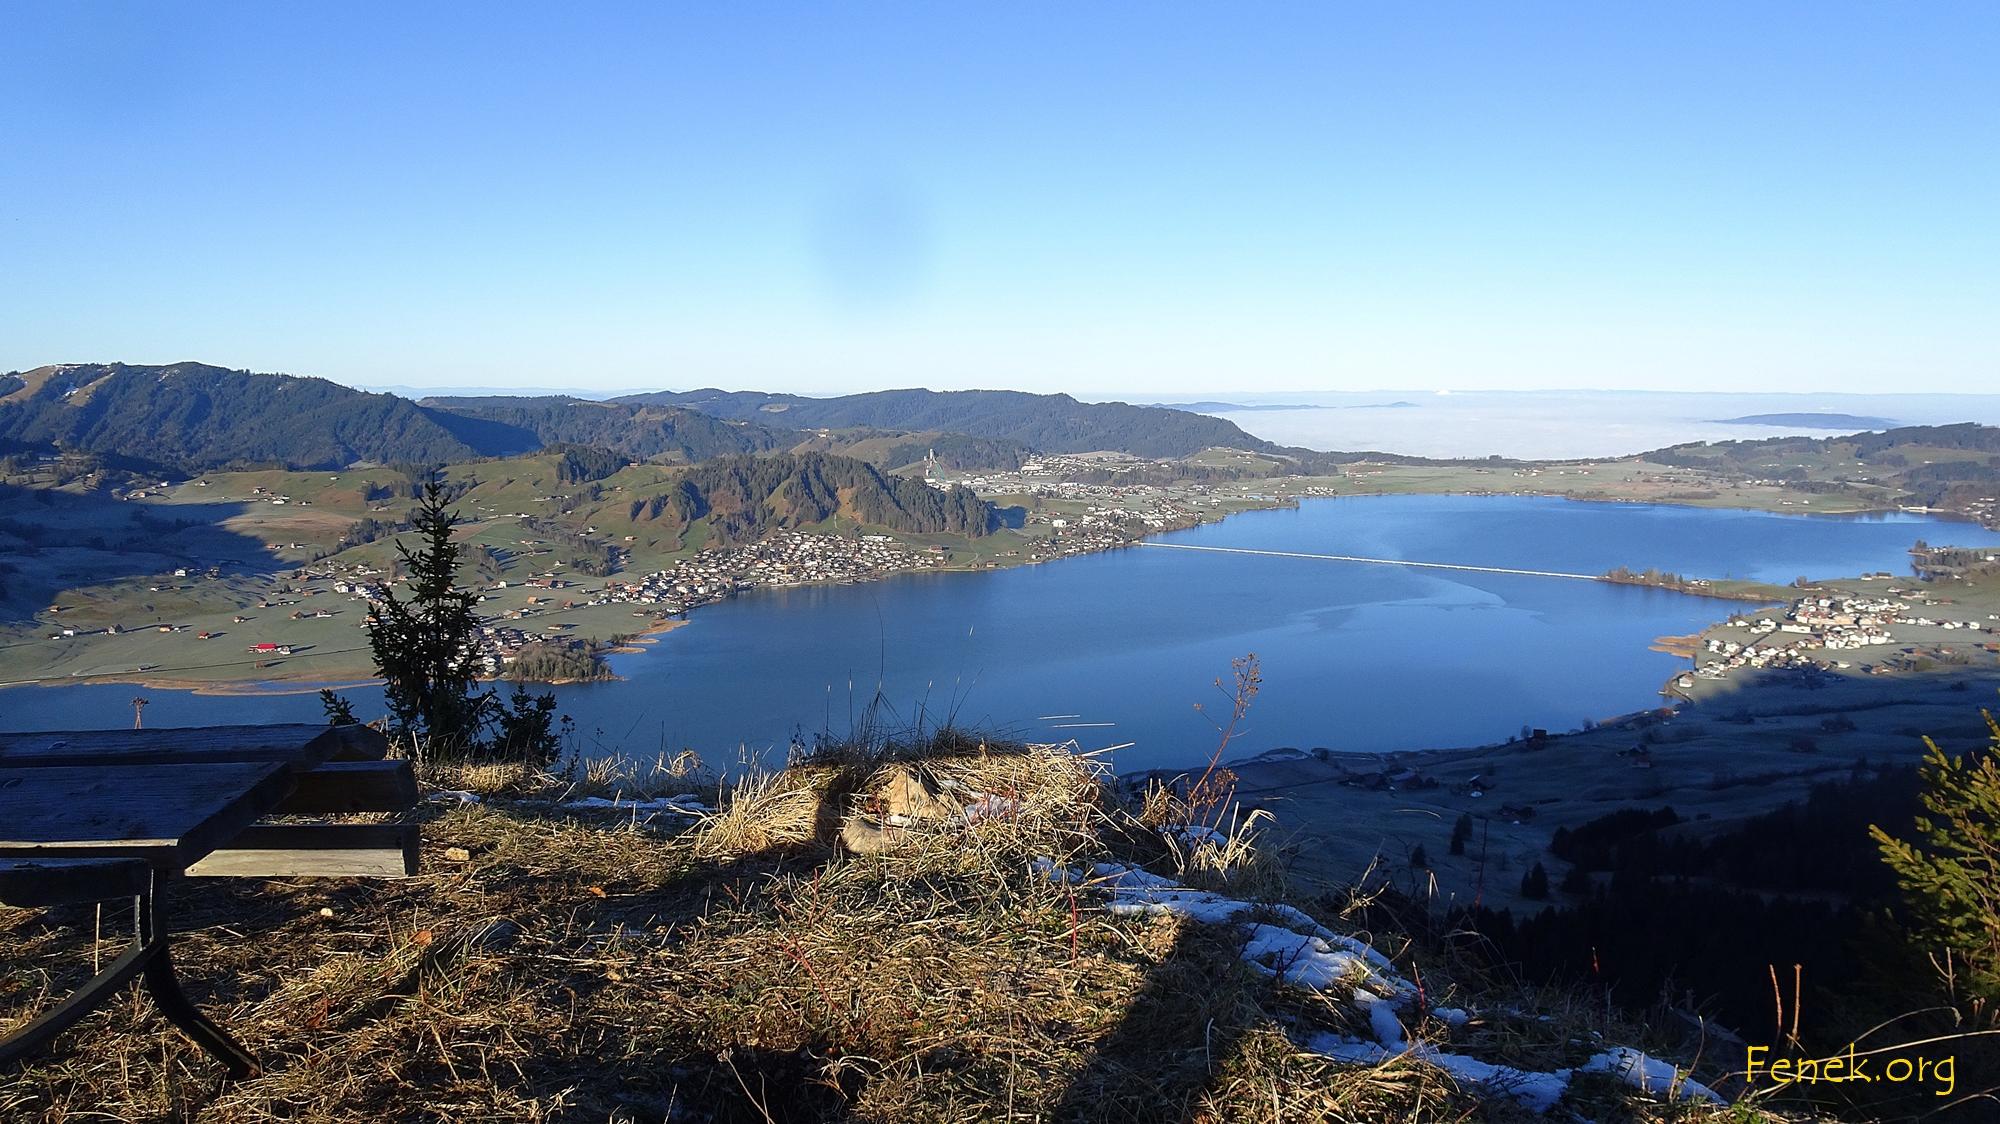 Sihlsee und Einsiedeln